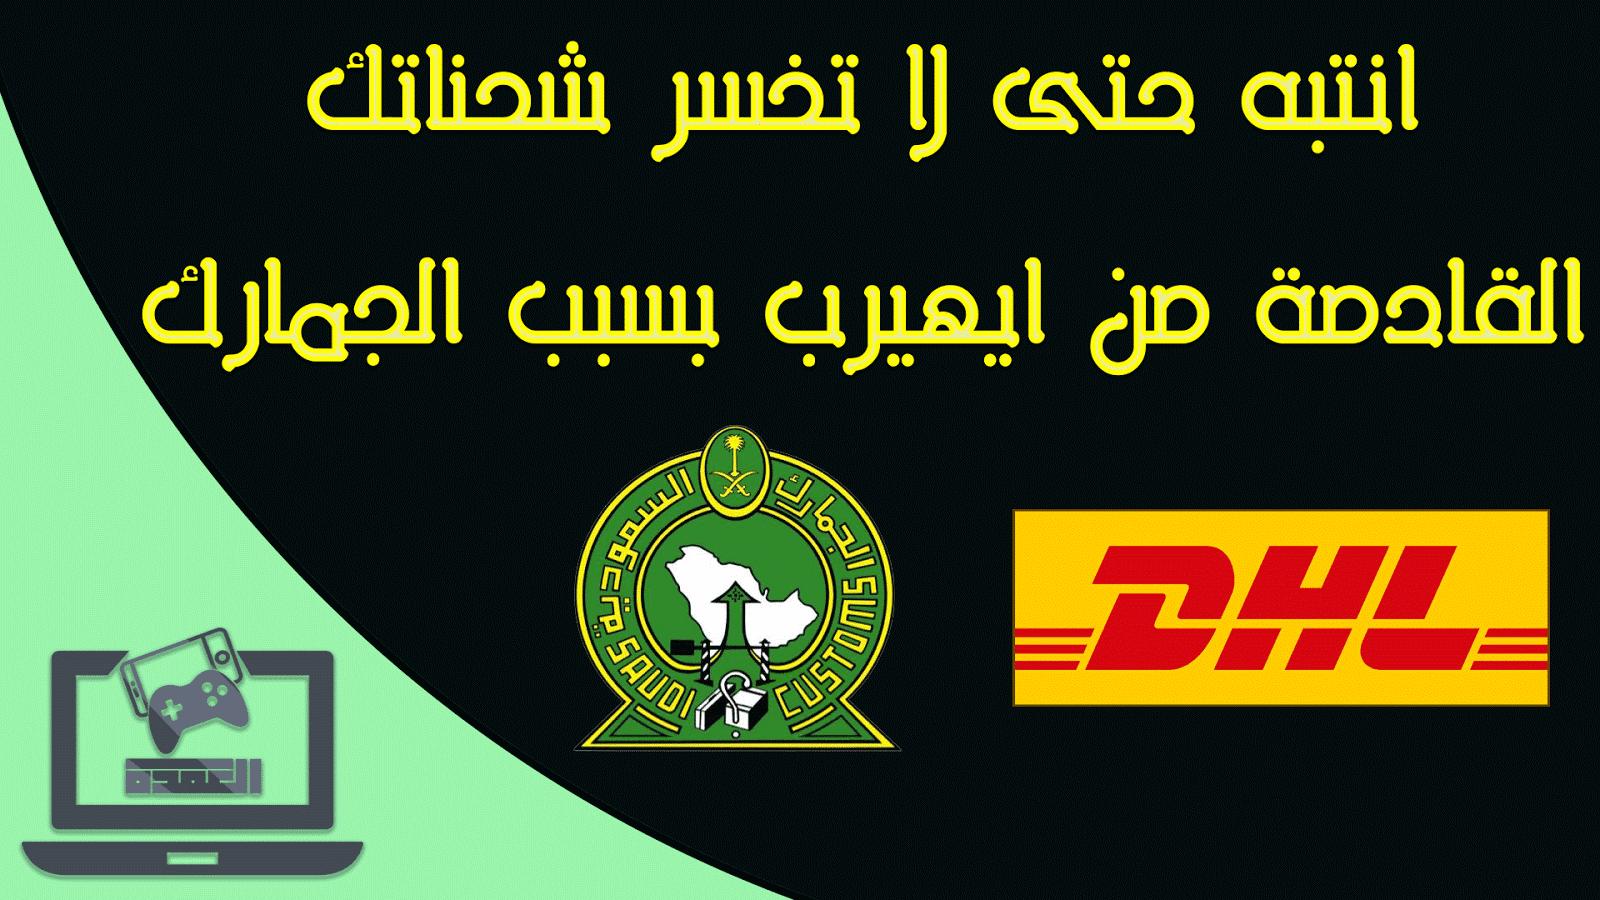 انتبه! تعليمات جديدة من الجمارك السعودية وشركة DHL حول ...